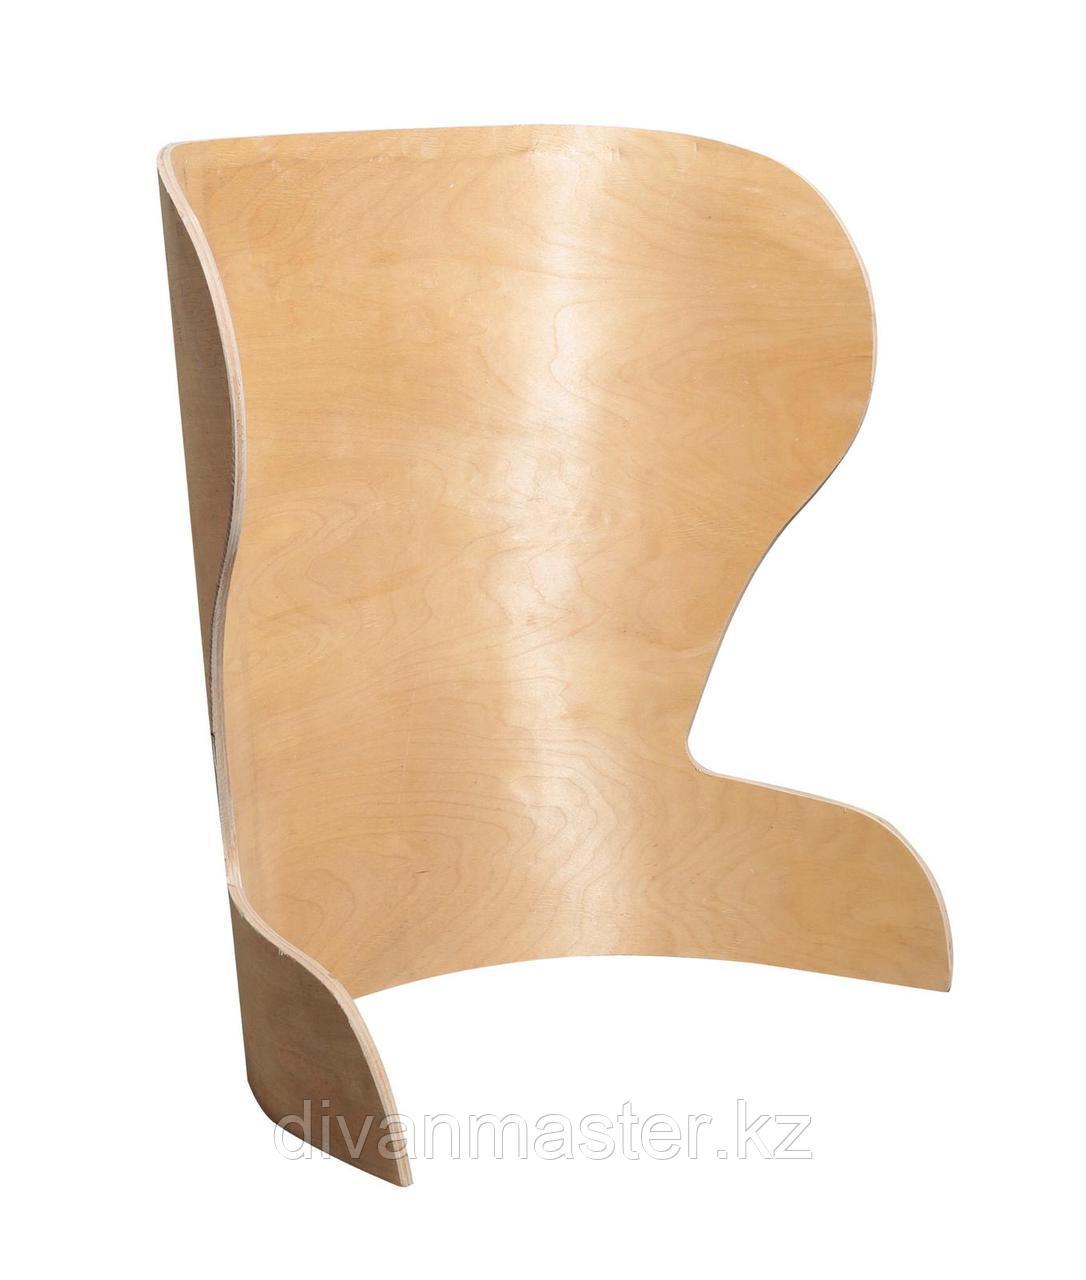 Гнутая спинка для каркаса стула - CAPRIS